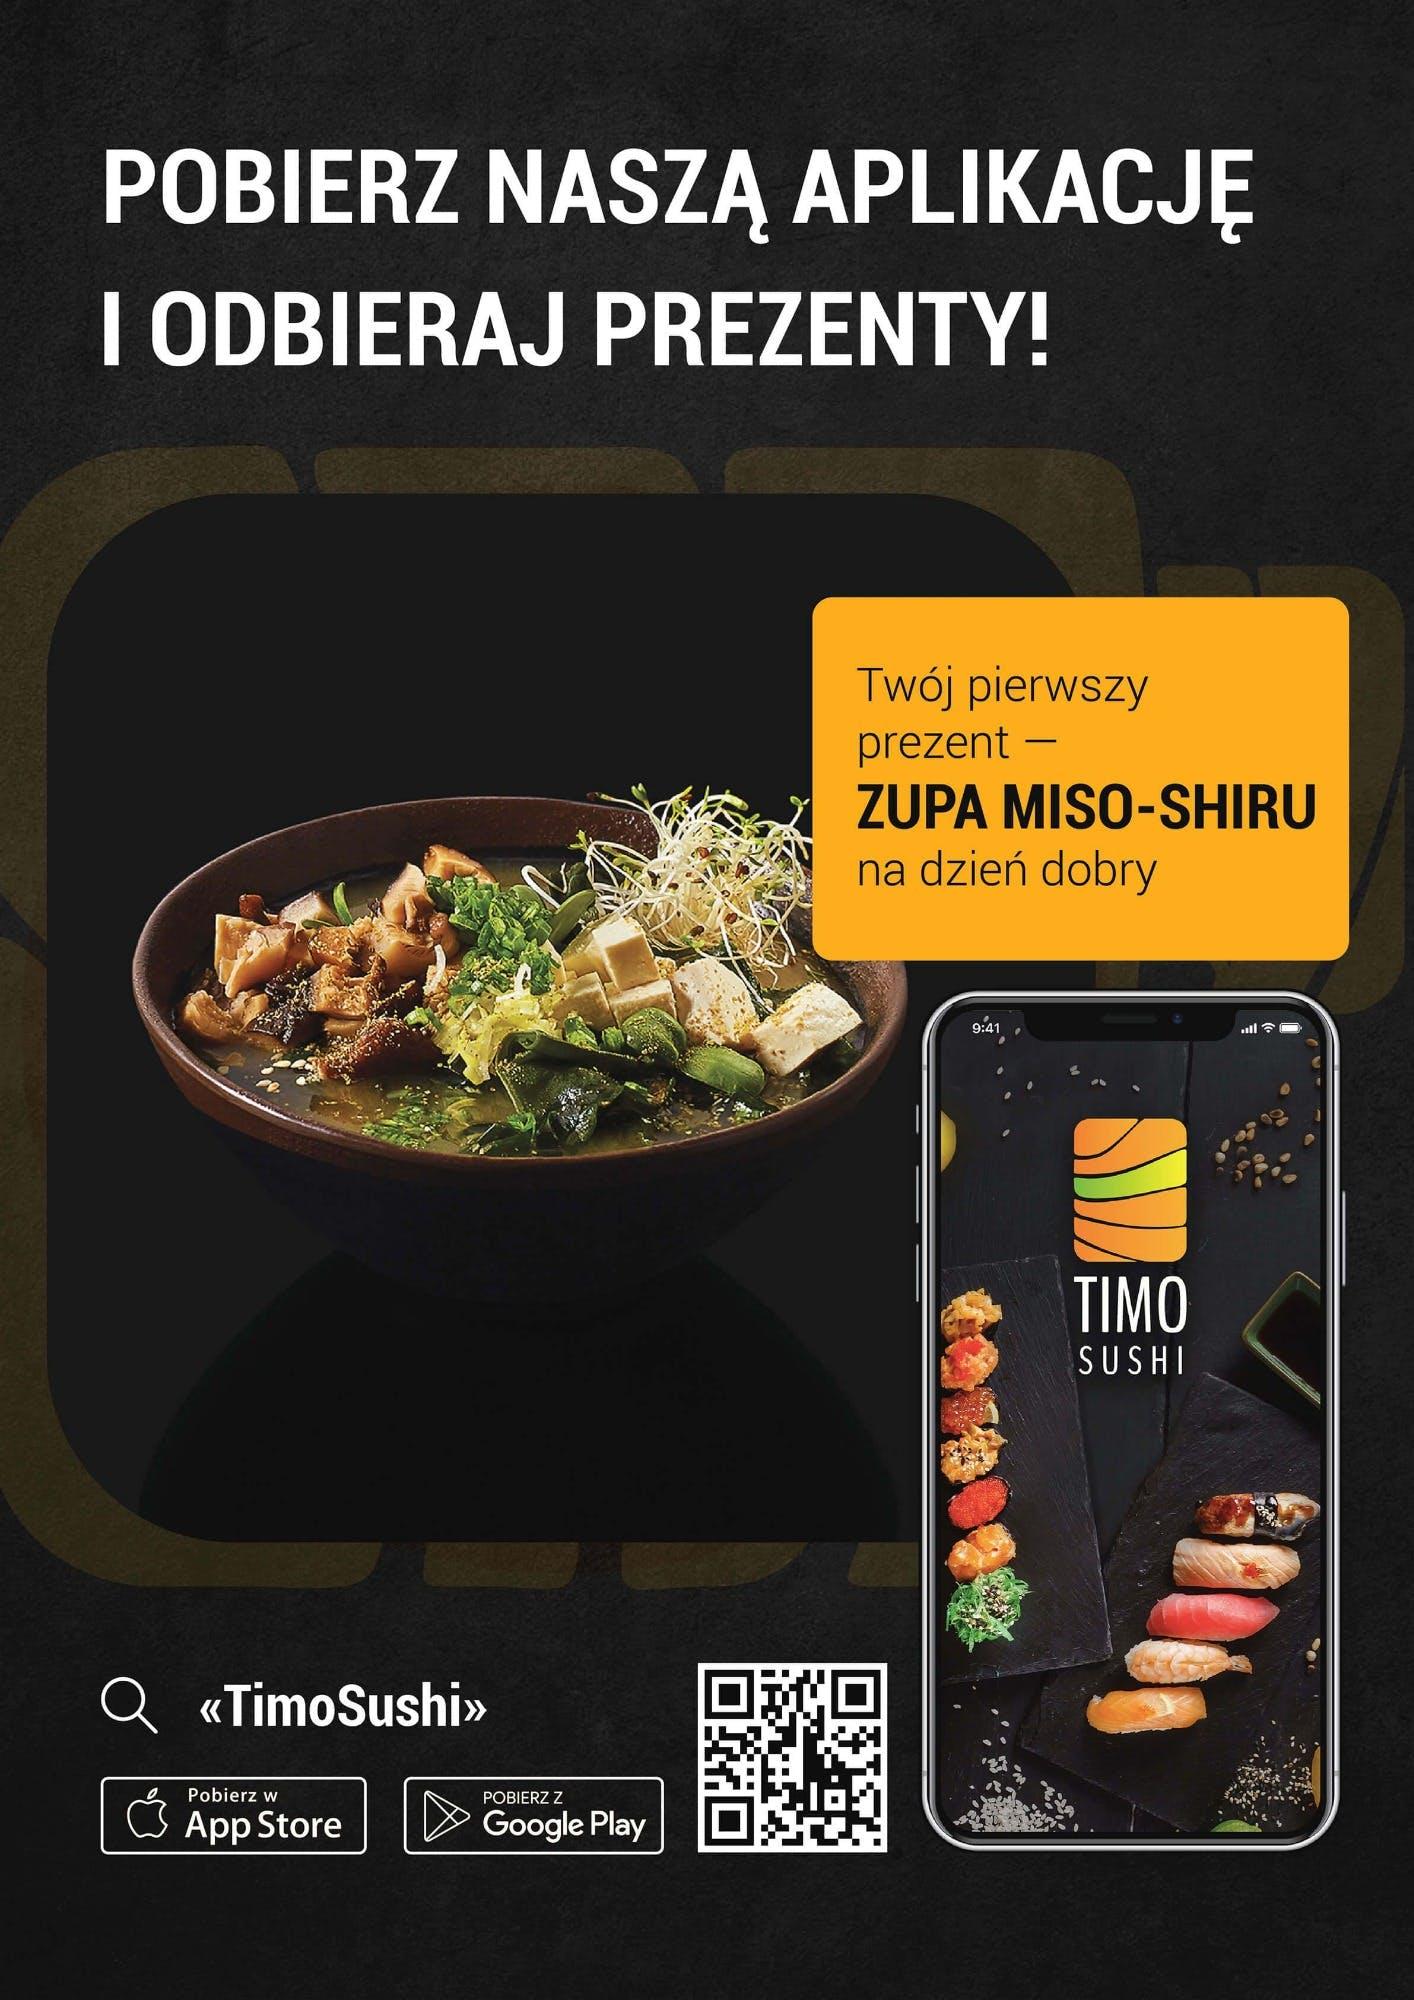 Pobierz naszą aplikację i zamów sushi w gdańsku